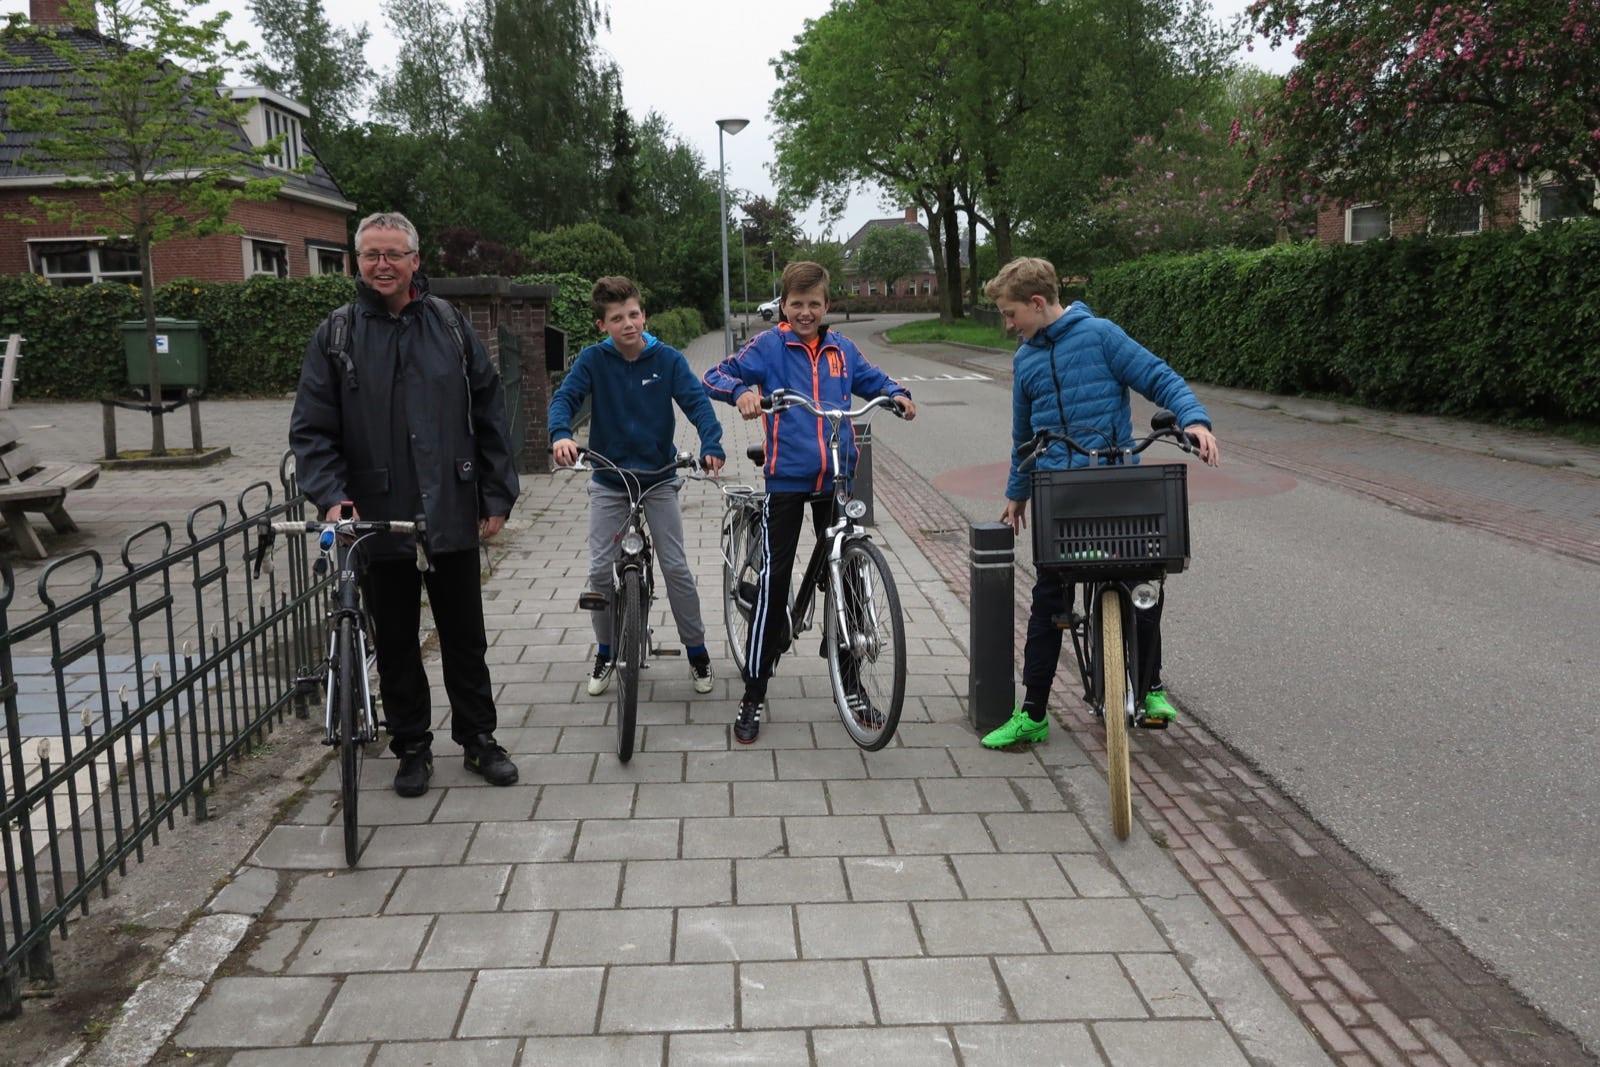 et-fiets-en-fietser-38-geo-voetbaltrainer-bram-ten-cate-met-'zijn'-voetballers,-elke-dinsdagavond-op-de-fiets-naar-garmerwolde-oi.jpg